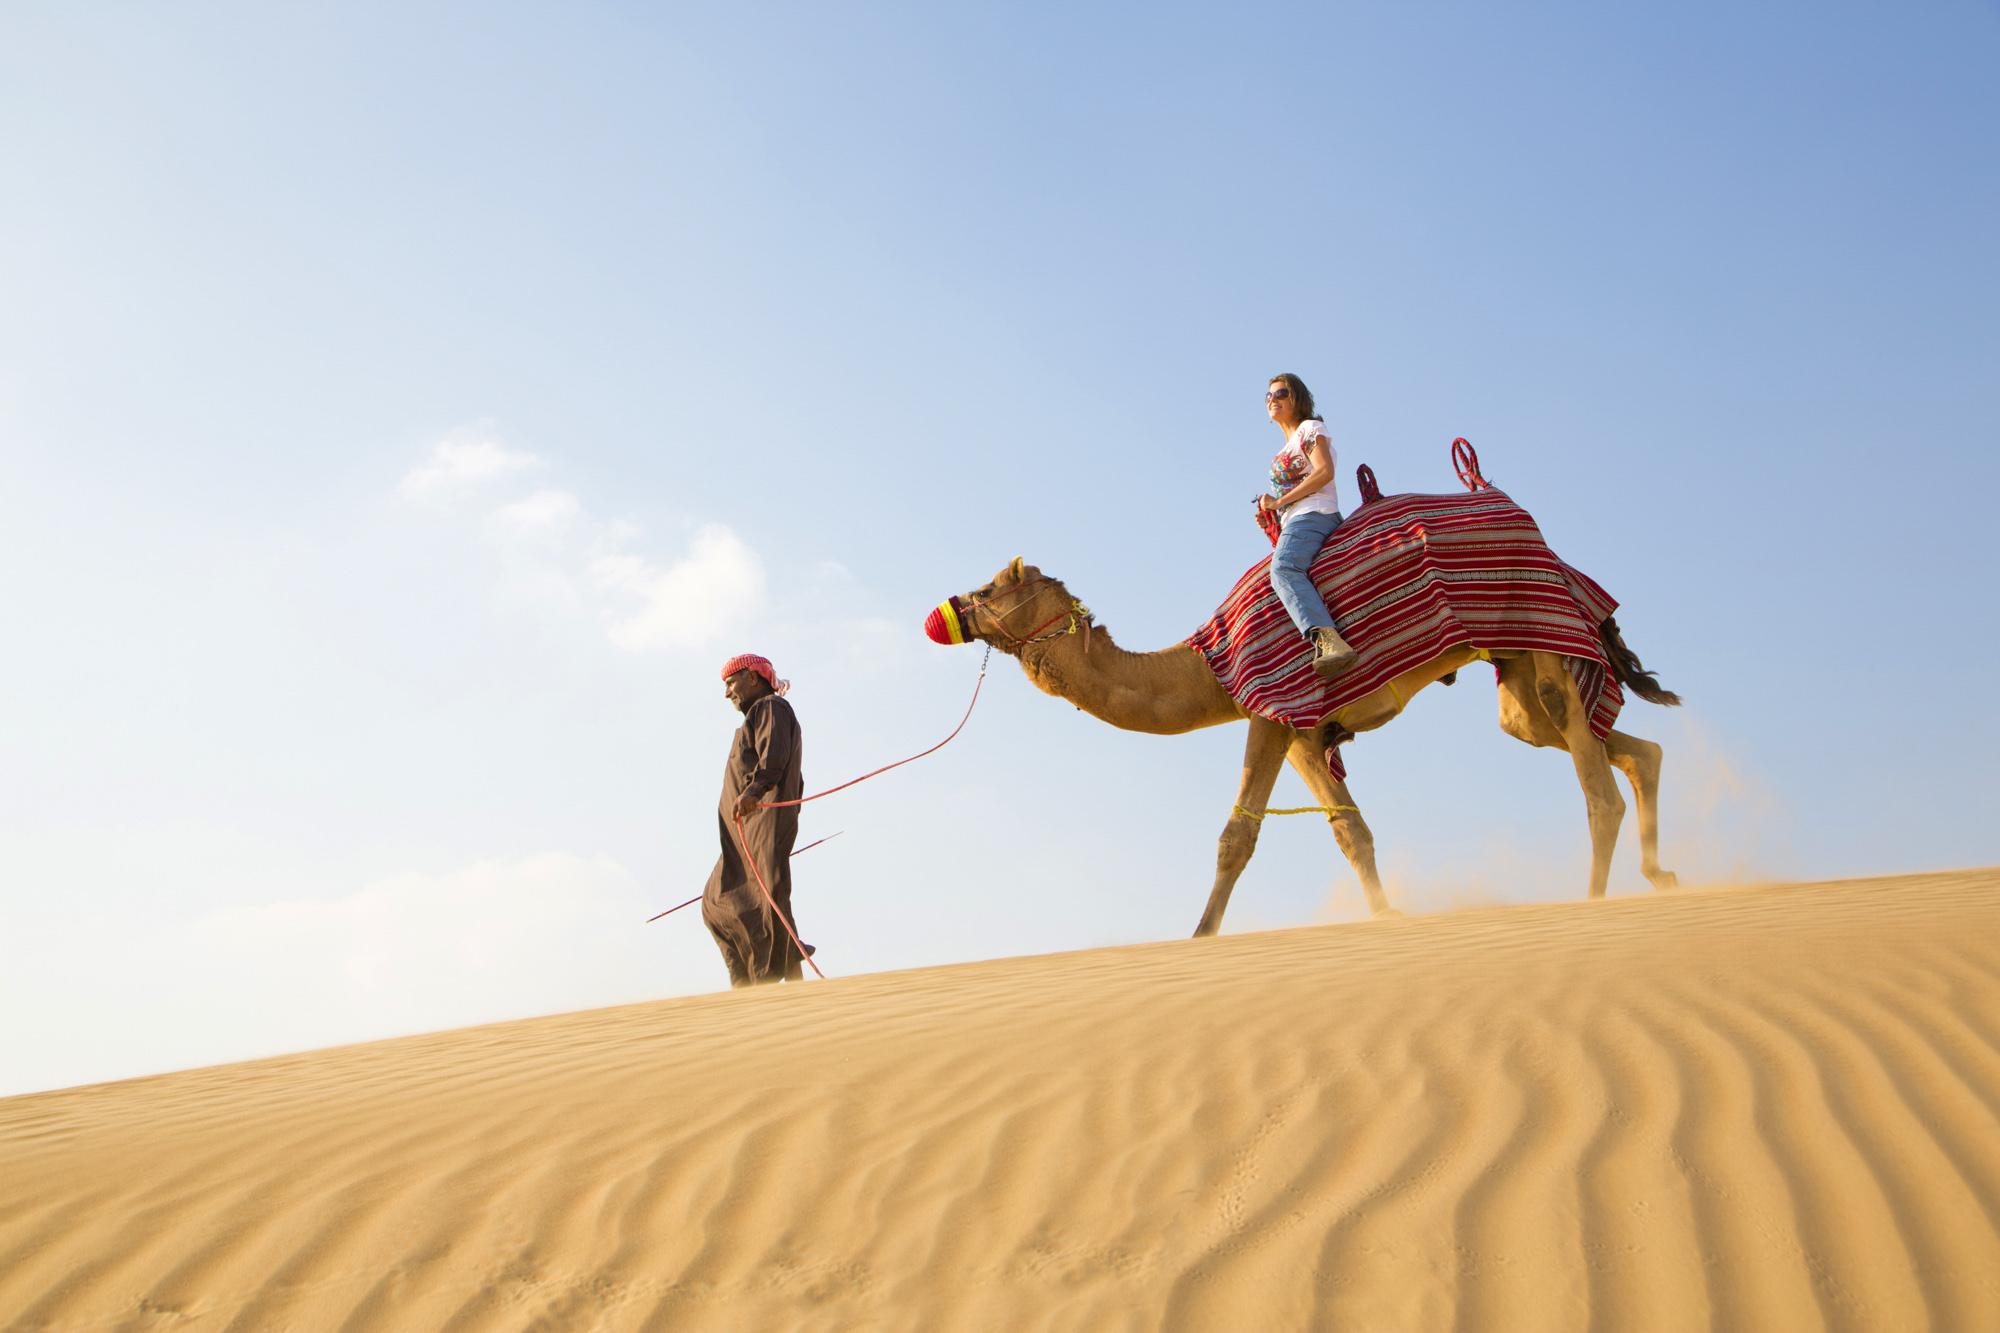 VAE, Vereinigte arabische Emirate, Dubai, Wüste, Kamel Safari, Sand, Kamele, Abenteuer, Reise  Engl.: UAE, United Arab Emirates, Dubai, Desert, Camel Safari, Sand, Camels, Adventure, Travel